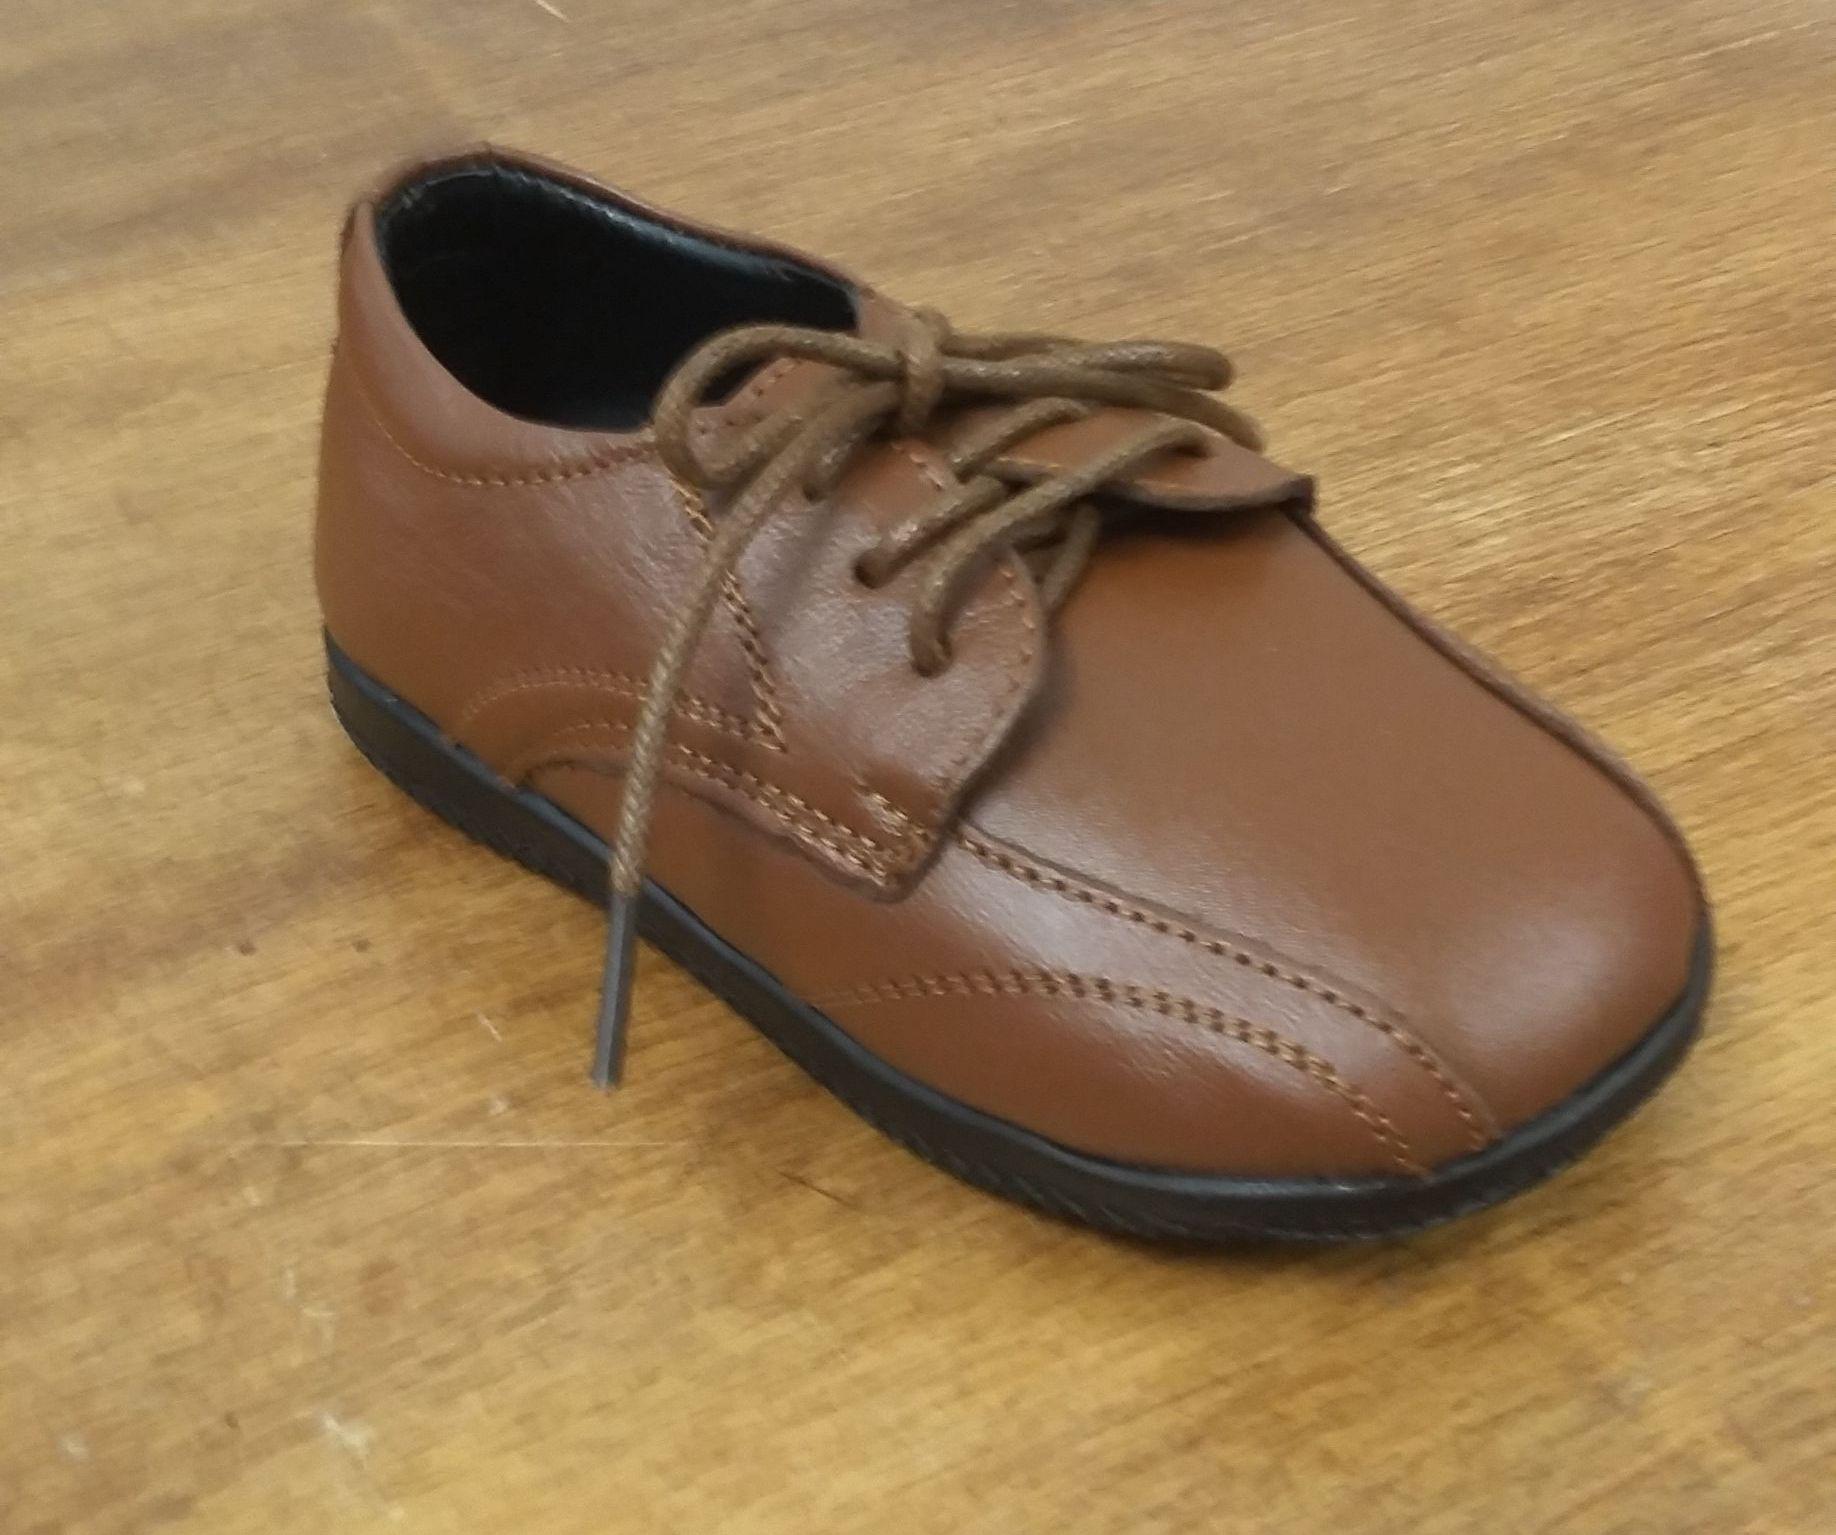 Baby \u0026 Toddler Boys Shoe - Brown